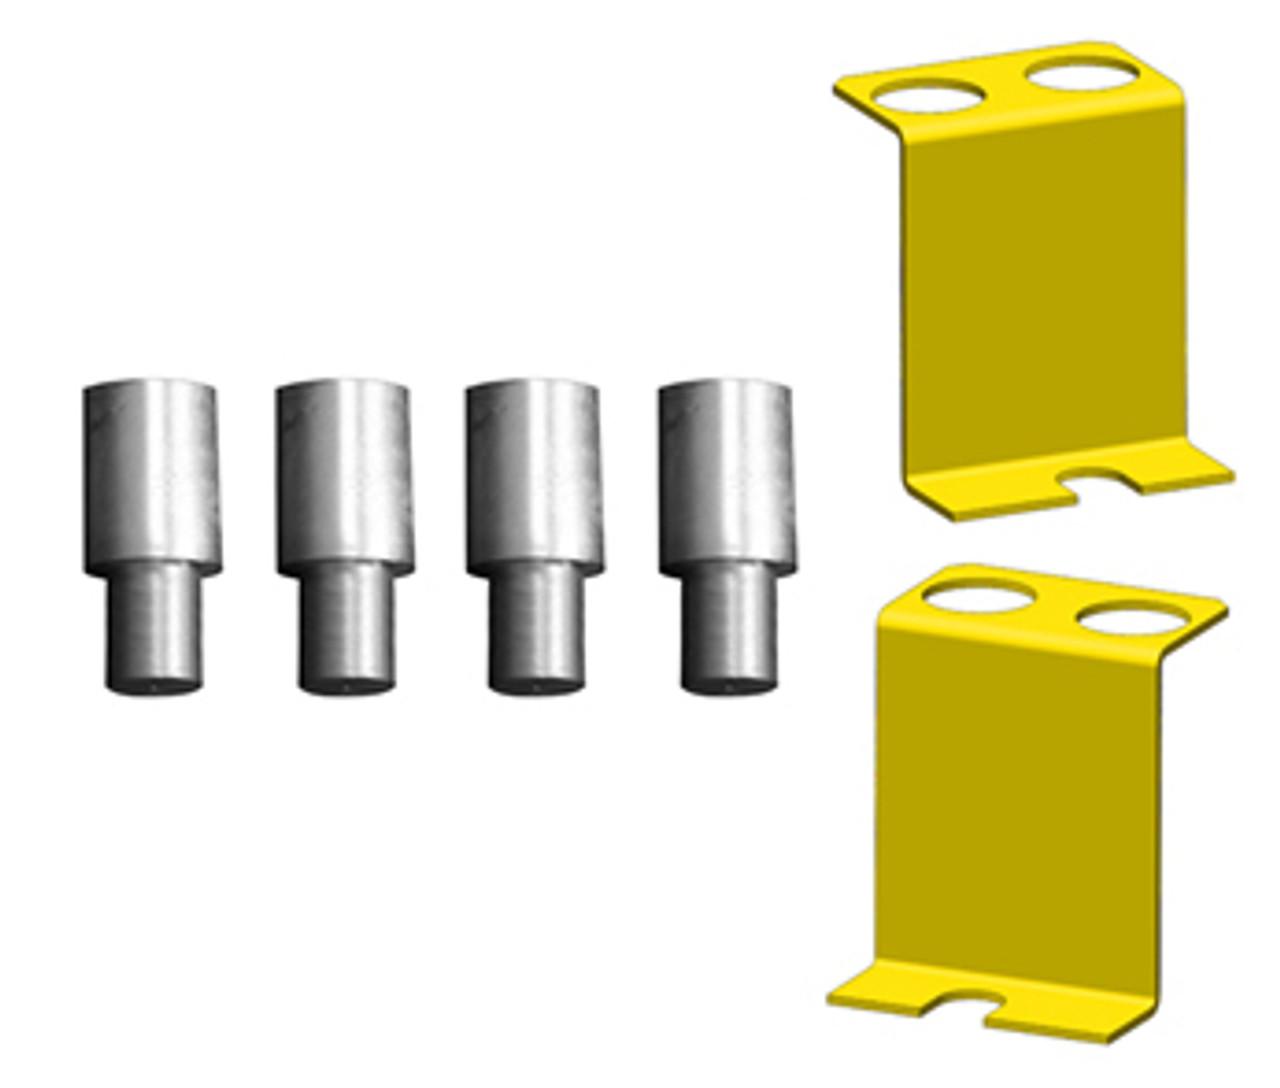 BENDPAK XPR-10AS Dual-Width, 10,000 Lb. Capacity, Two-Post Lift, Asymmetric Two Post Lift